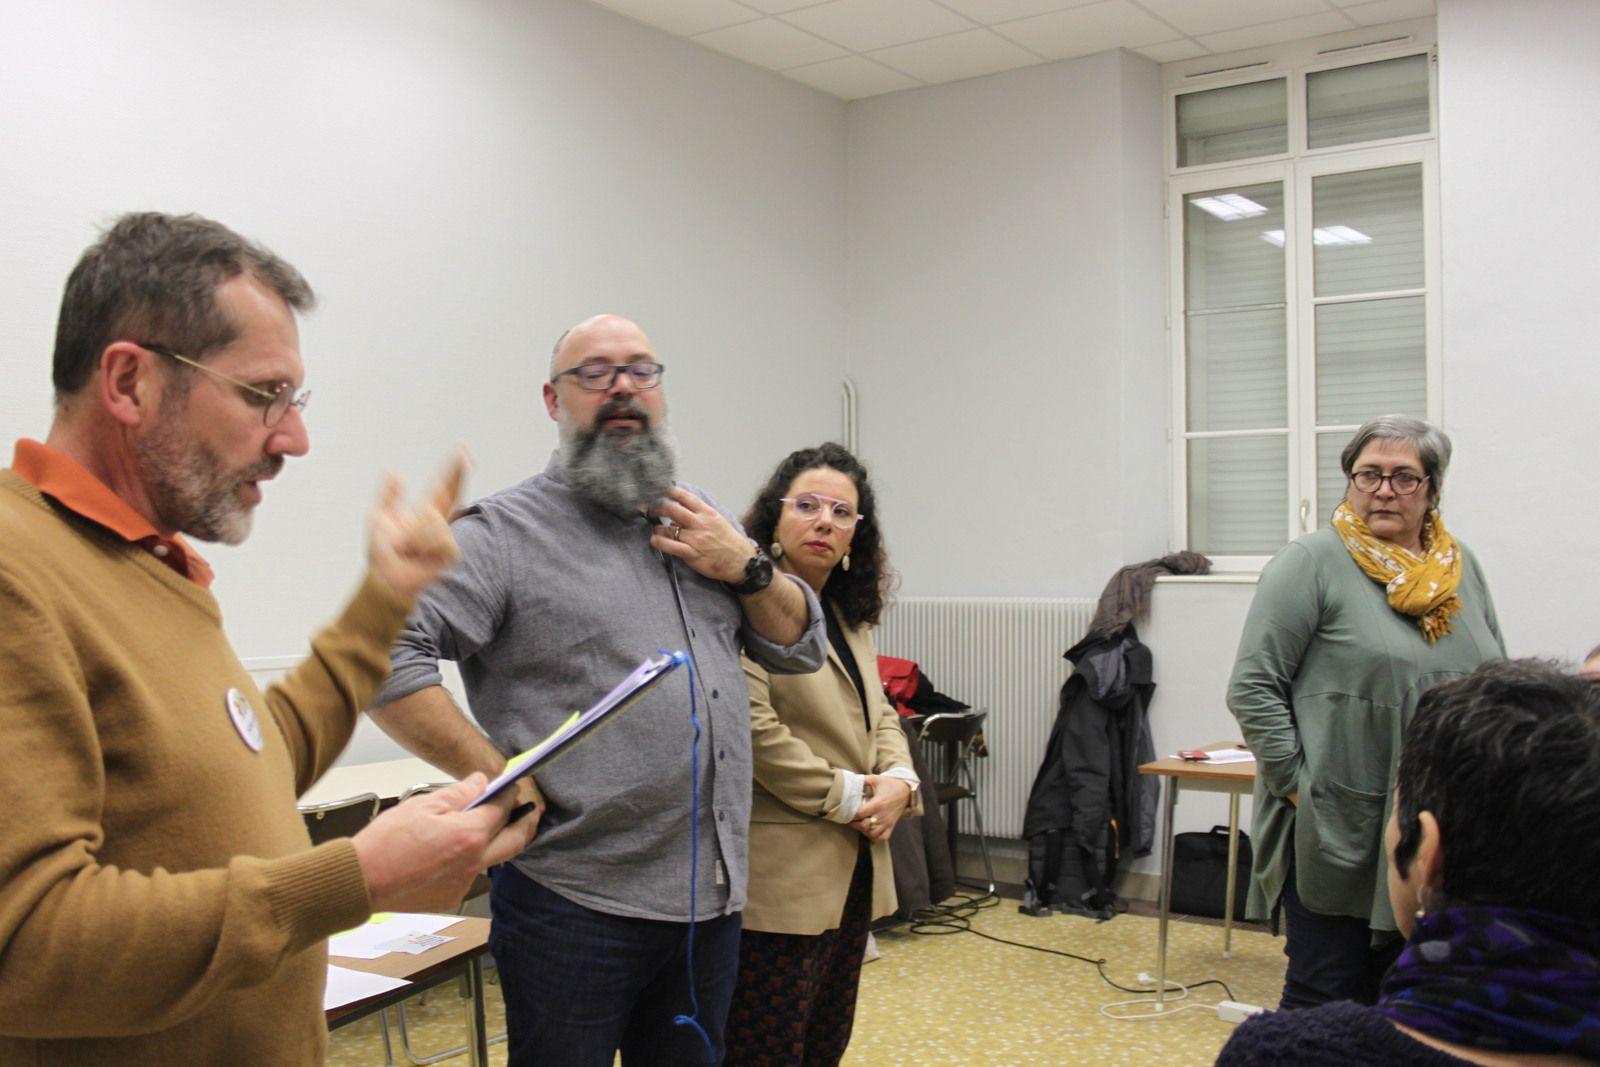 Morlaix, pour une ville écologique - Photos de l'atelier participatif de Morlaix Ensemble le jeudi 20 février à Kernéguès (Jean-Luc Le Calvez)